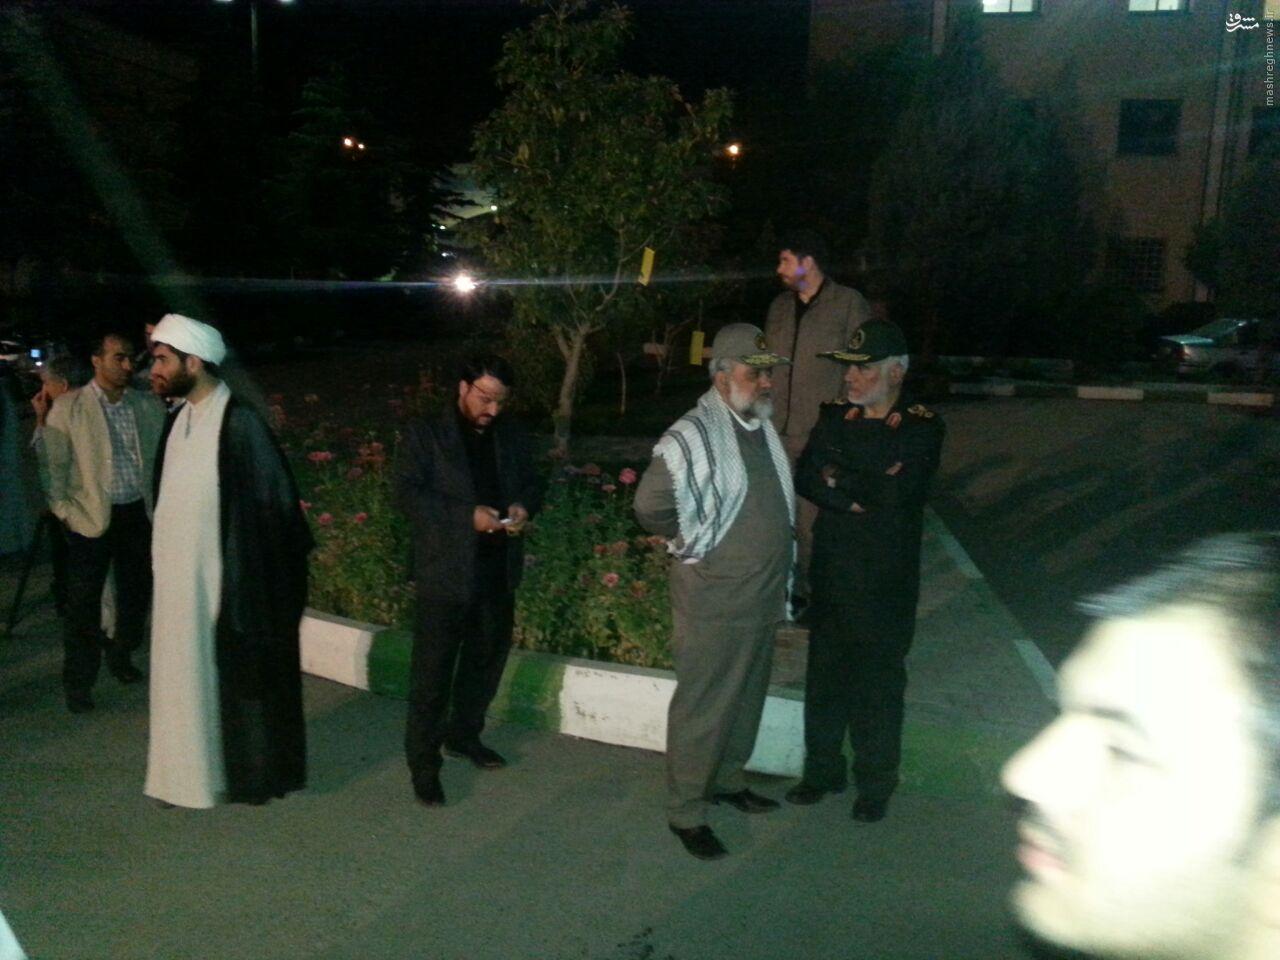 ورود پیکر مطهر شهید همدانی به فرودگاه مهرآباد+تصاویر